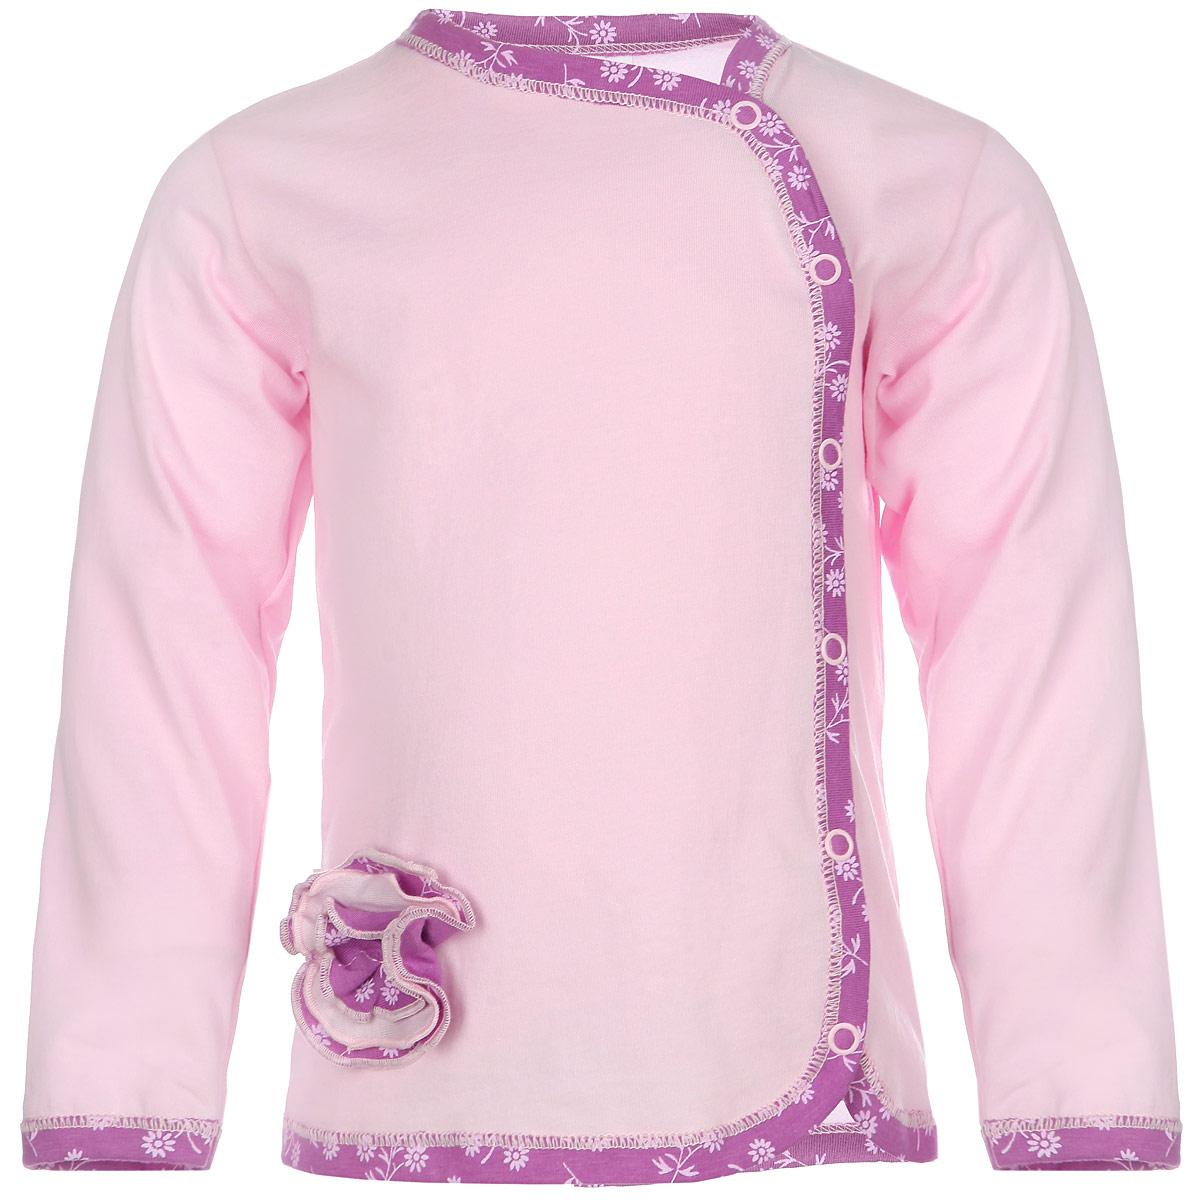 Кофточка для девочки Lucky Child Цветочки, цвет: светло-розовый, сиреневый. 11-17. Размер 56/62, 0-3 месяца11-17Кофточка для девочки Lucky Child Цветочки, изготовленная из натурального хлопка, станет отличным дополнением к детскому гардеробу. Изделие очень мягкое и приятное на ощупь, не сковывает движения и хорошо вентилируется, обеспечивая комфорт. Кофточка с круглым вырезом горловины и длинными рукавами застегивается на кнопки. Края модели и низ рукавов дополнены трикотажной бейкой с цветочным принтом. Украшено изделие пришитым текстильным цветком. Кофточка полностью соответствует особенностям жизни младенца в ранний период, не стесняя и не ограничивая его в движениях. В ней ваша маленькая принцесса всегда будет в центре внимания!